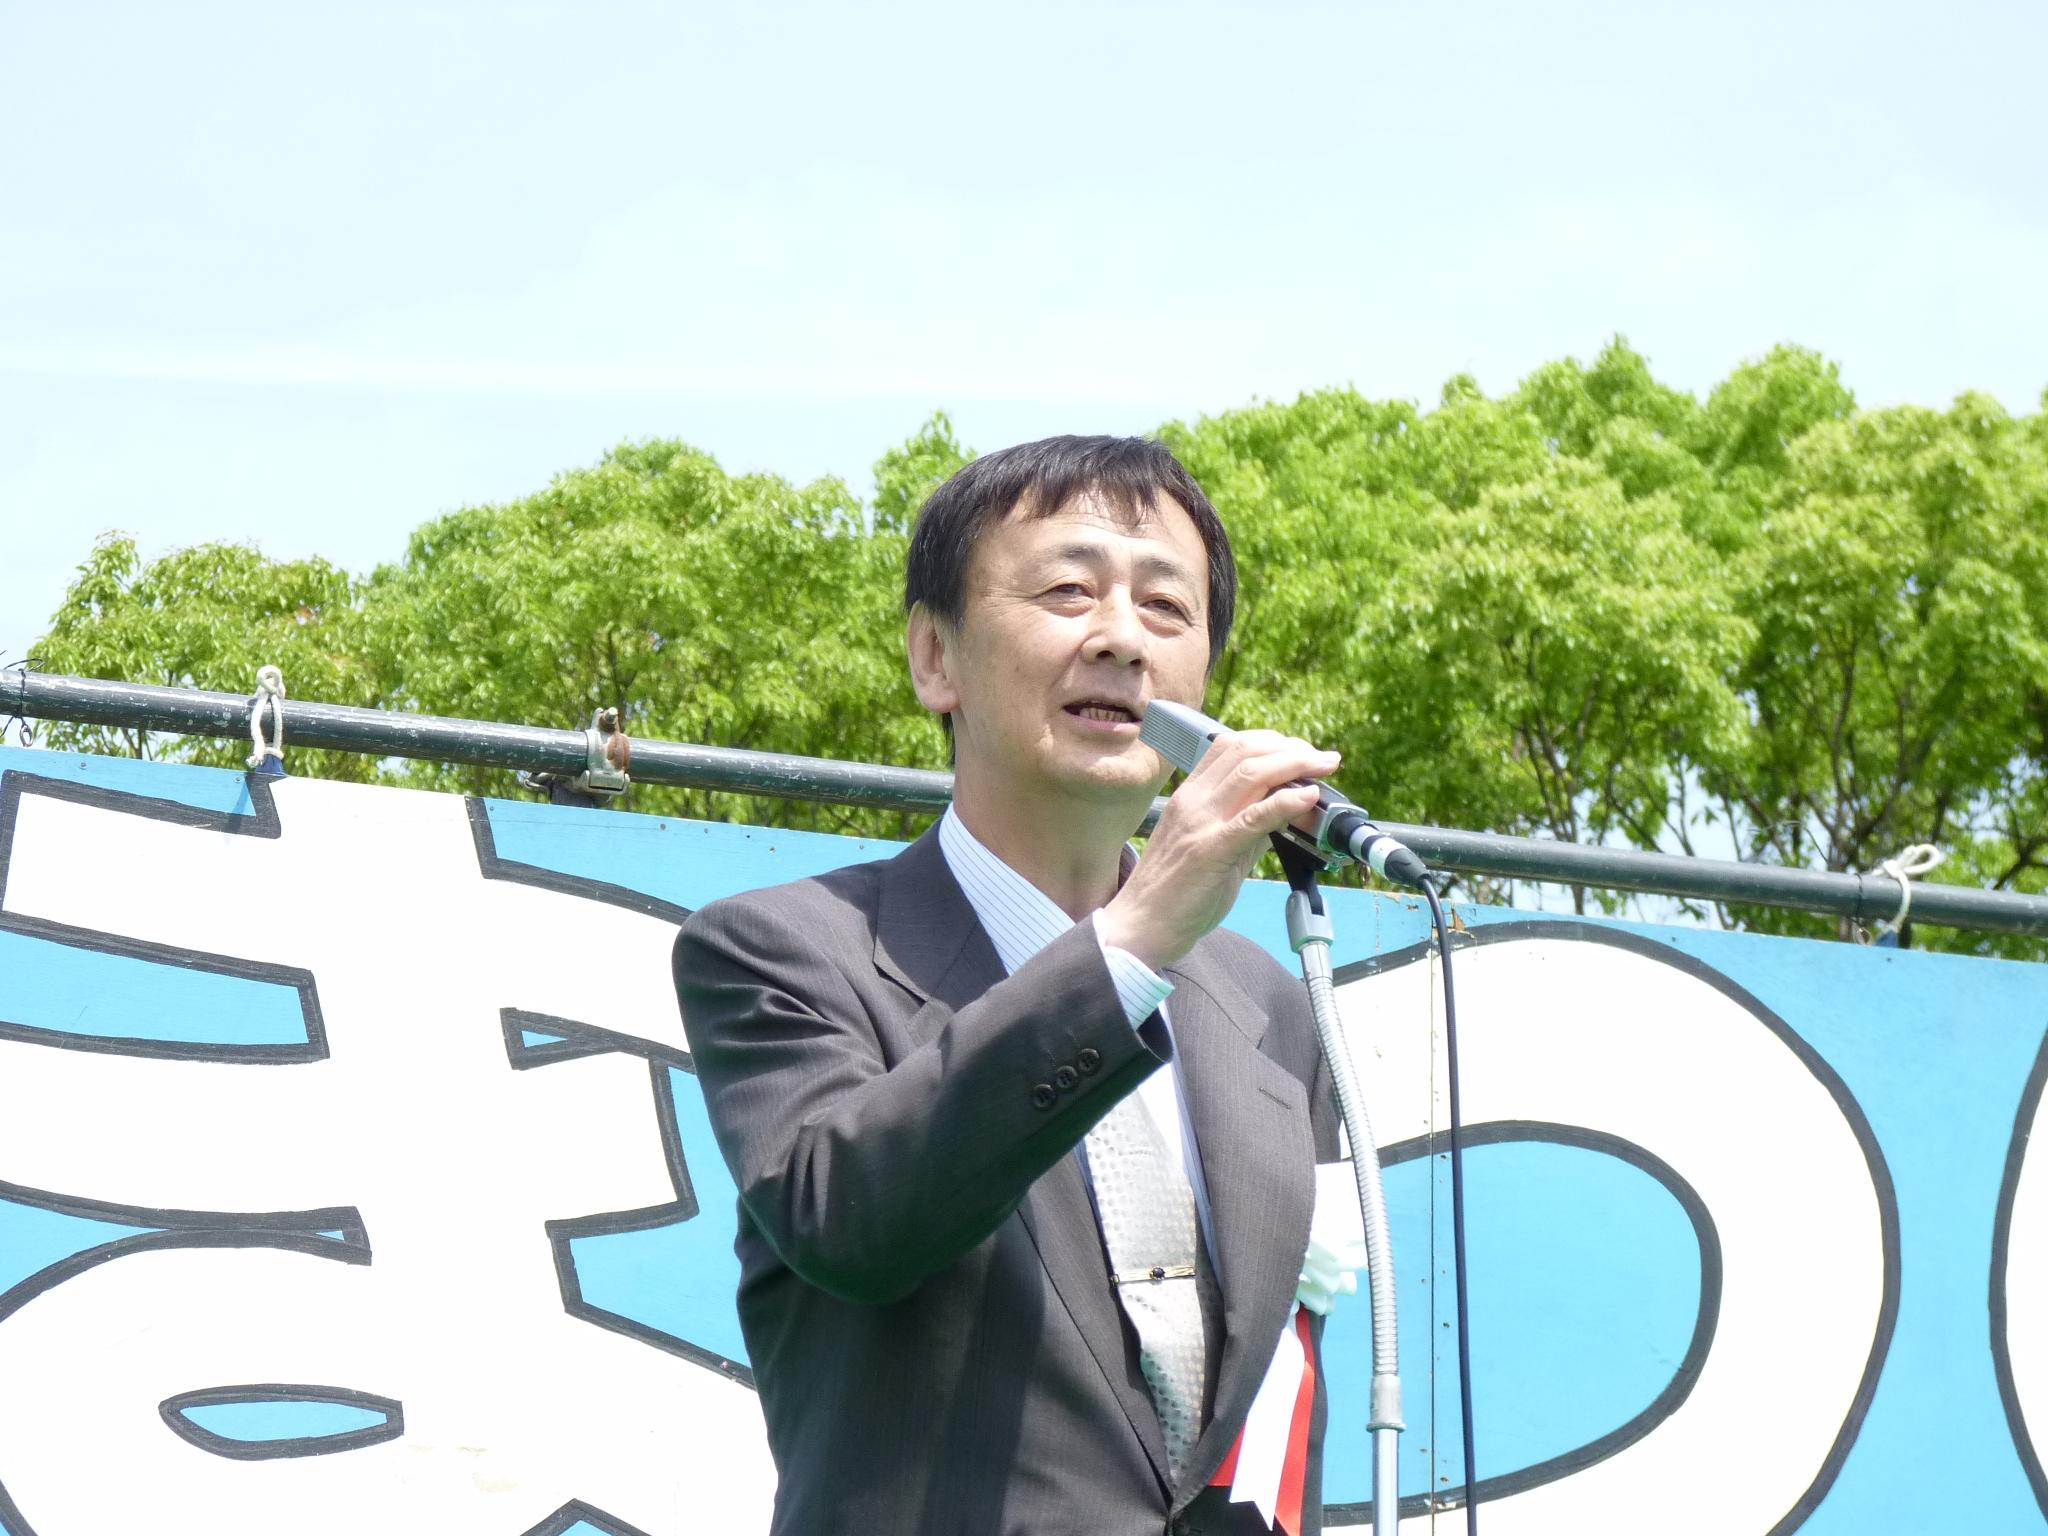 澤田佳宏さん